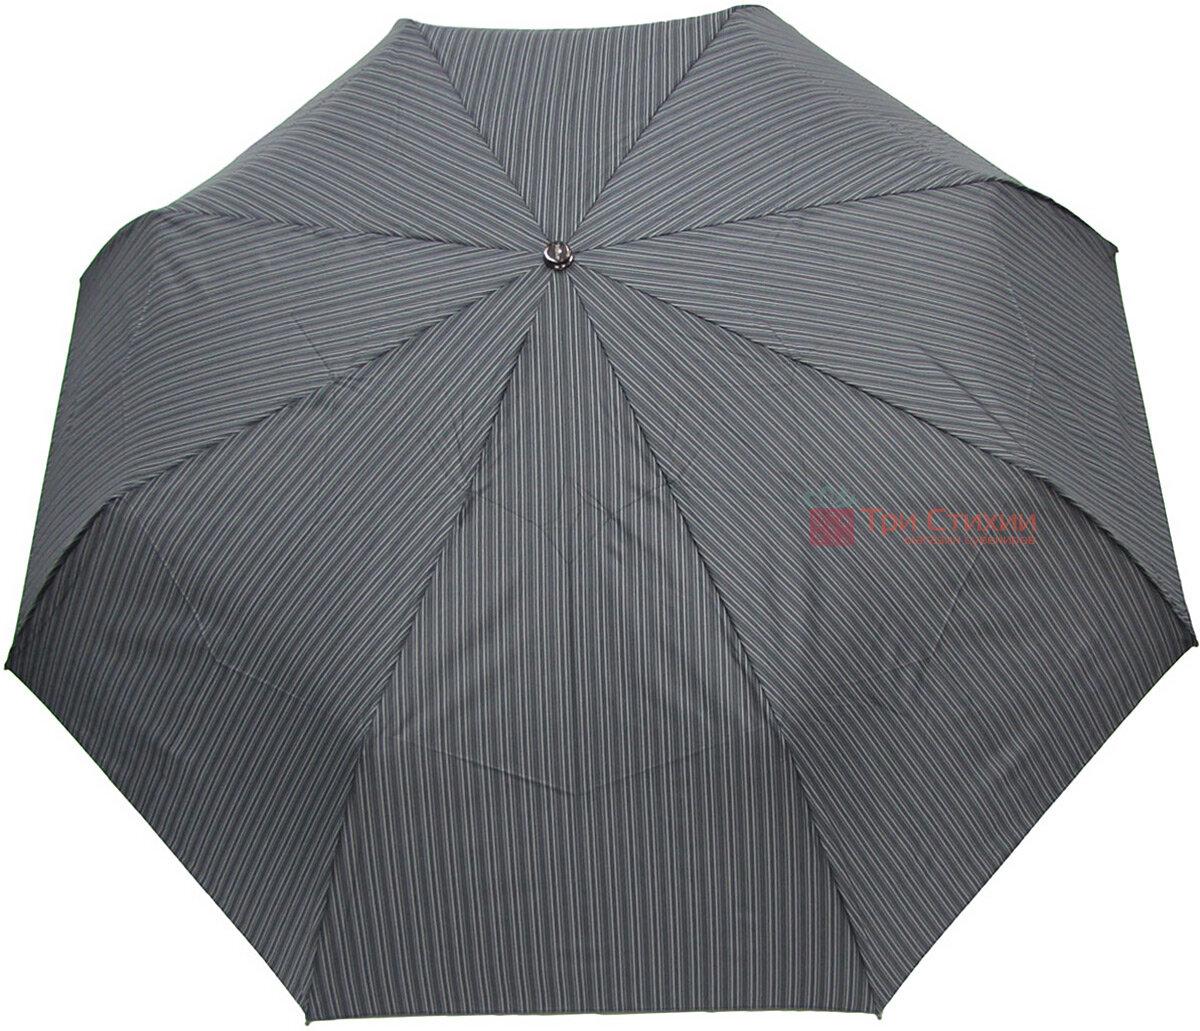 Зонт складной Doppler XM 74367N-5 полный автомат Узкая полоска, фото 3